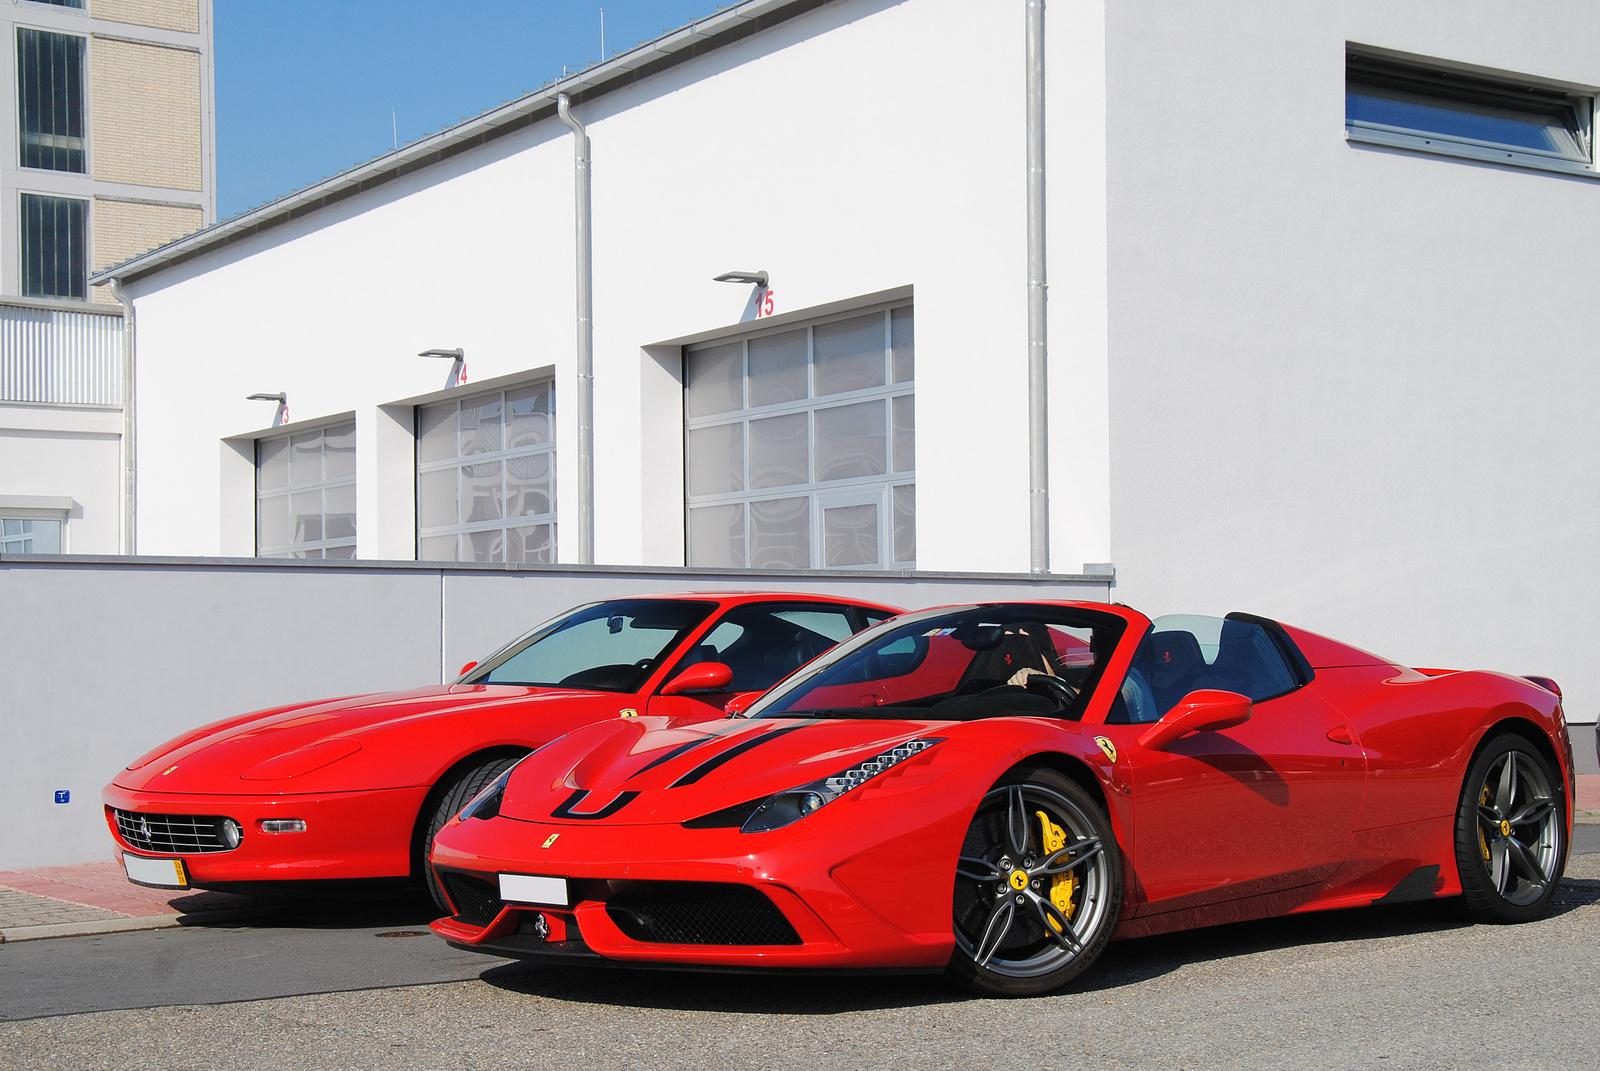 Ferrari 456M GT - Ferrari 458 Speciale A